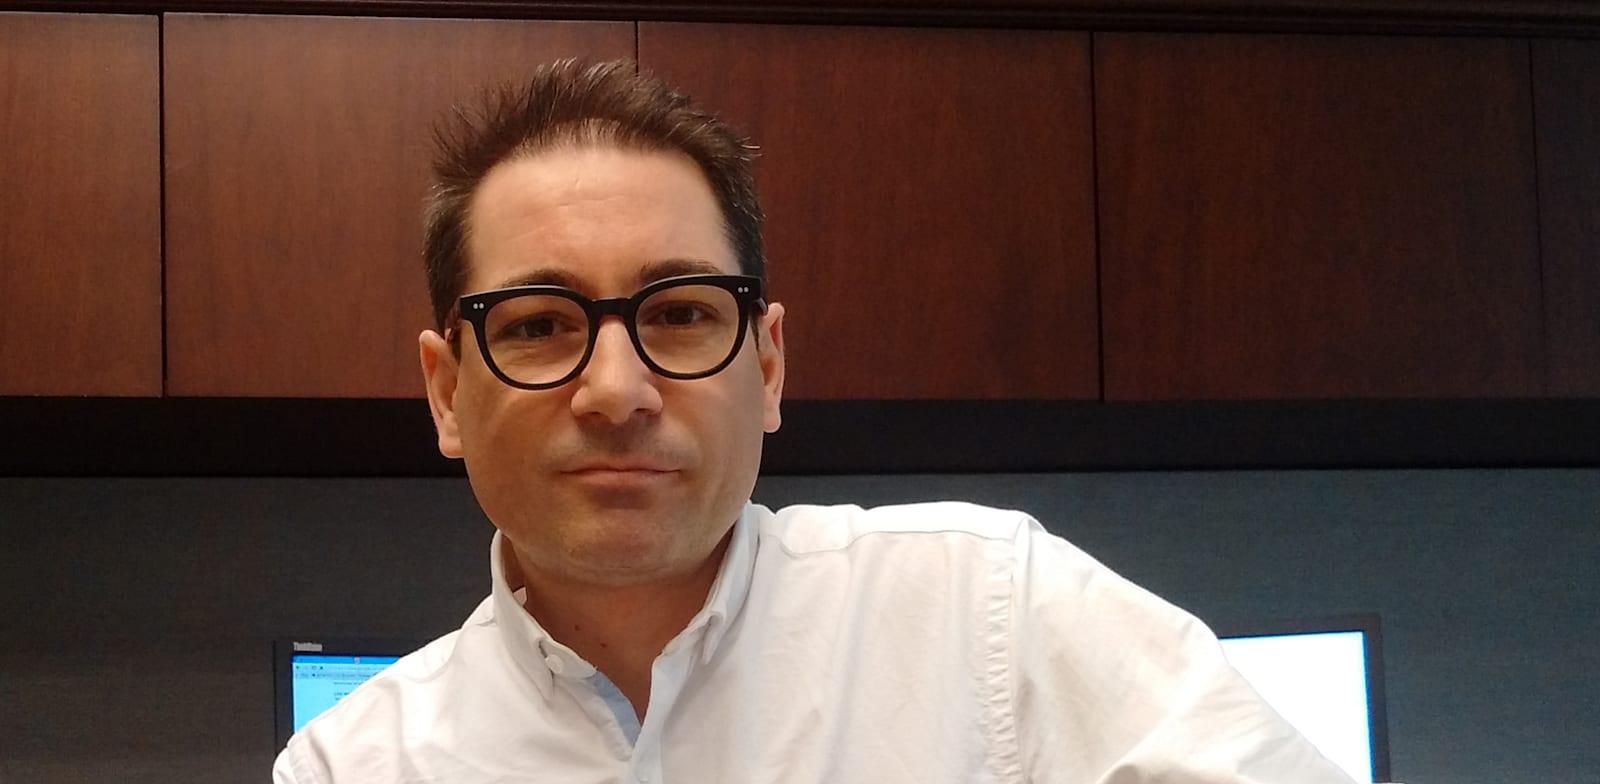 אנת'וני די יוריו, מייסד רשת האת'ריום / צילום: Reuters